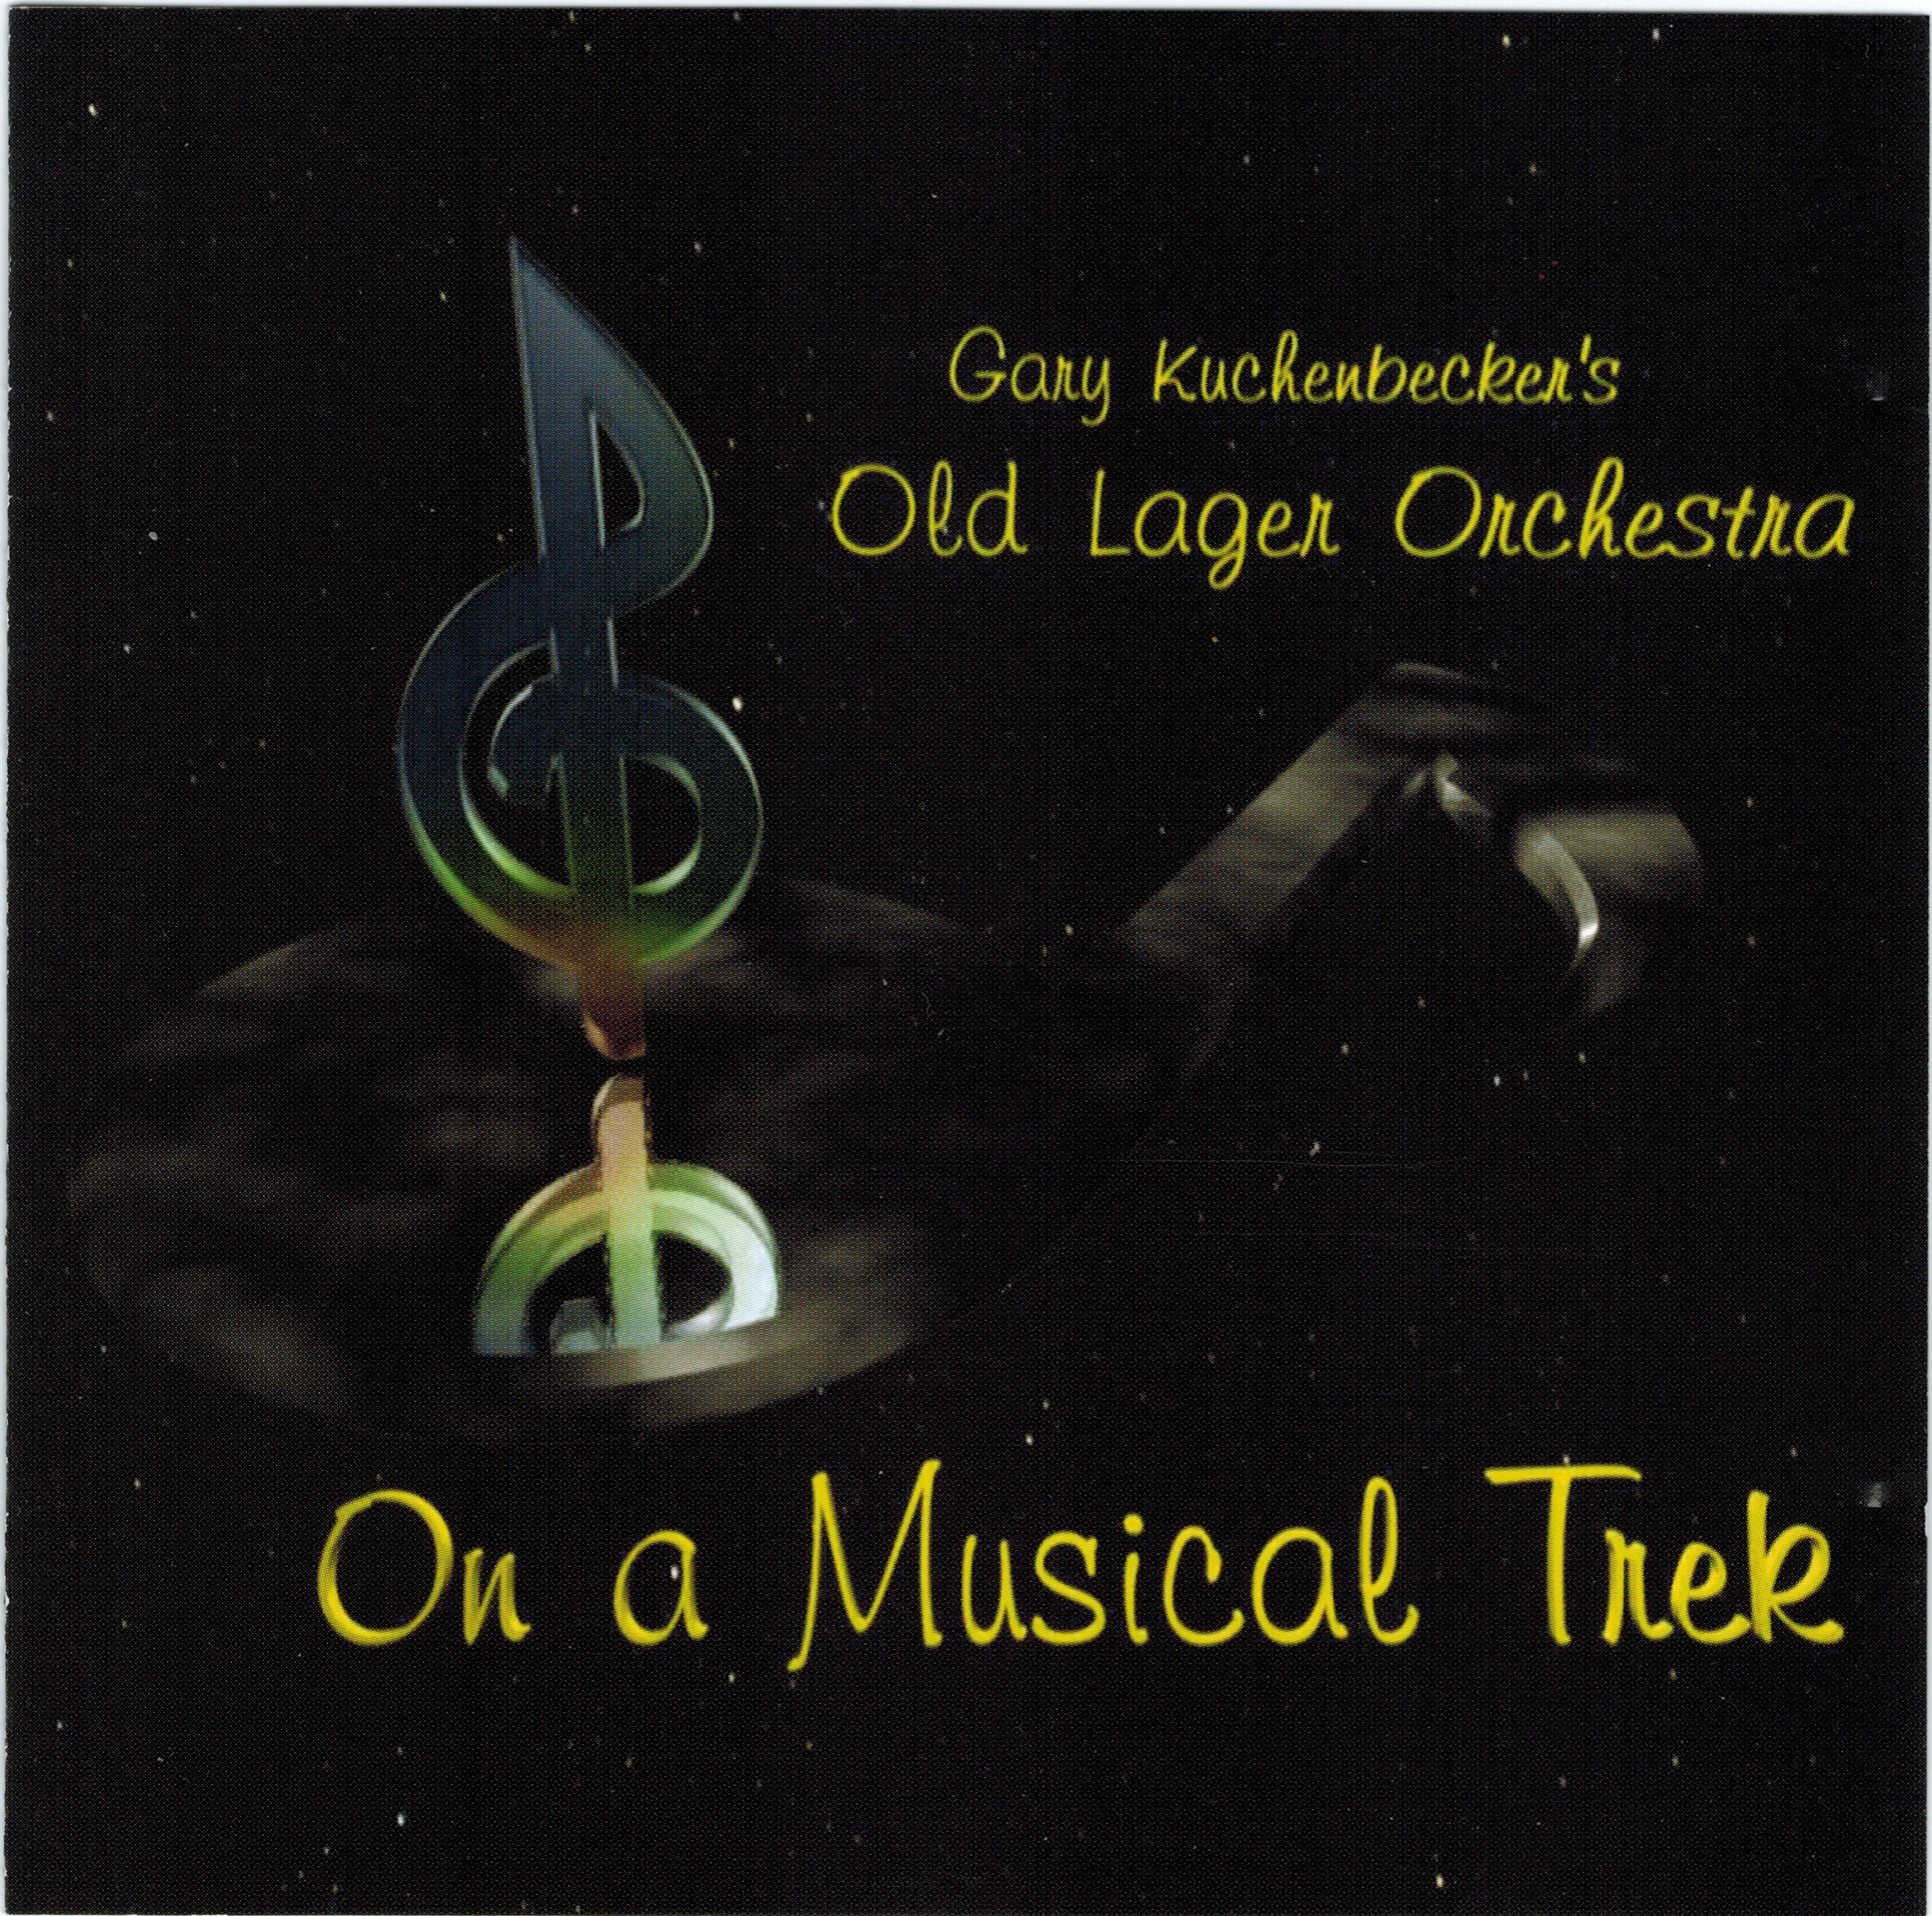 Musical Trek